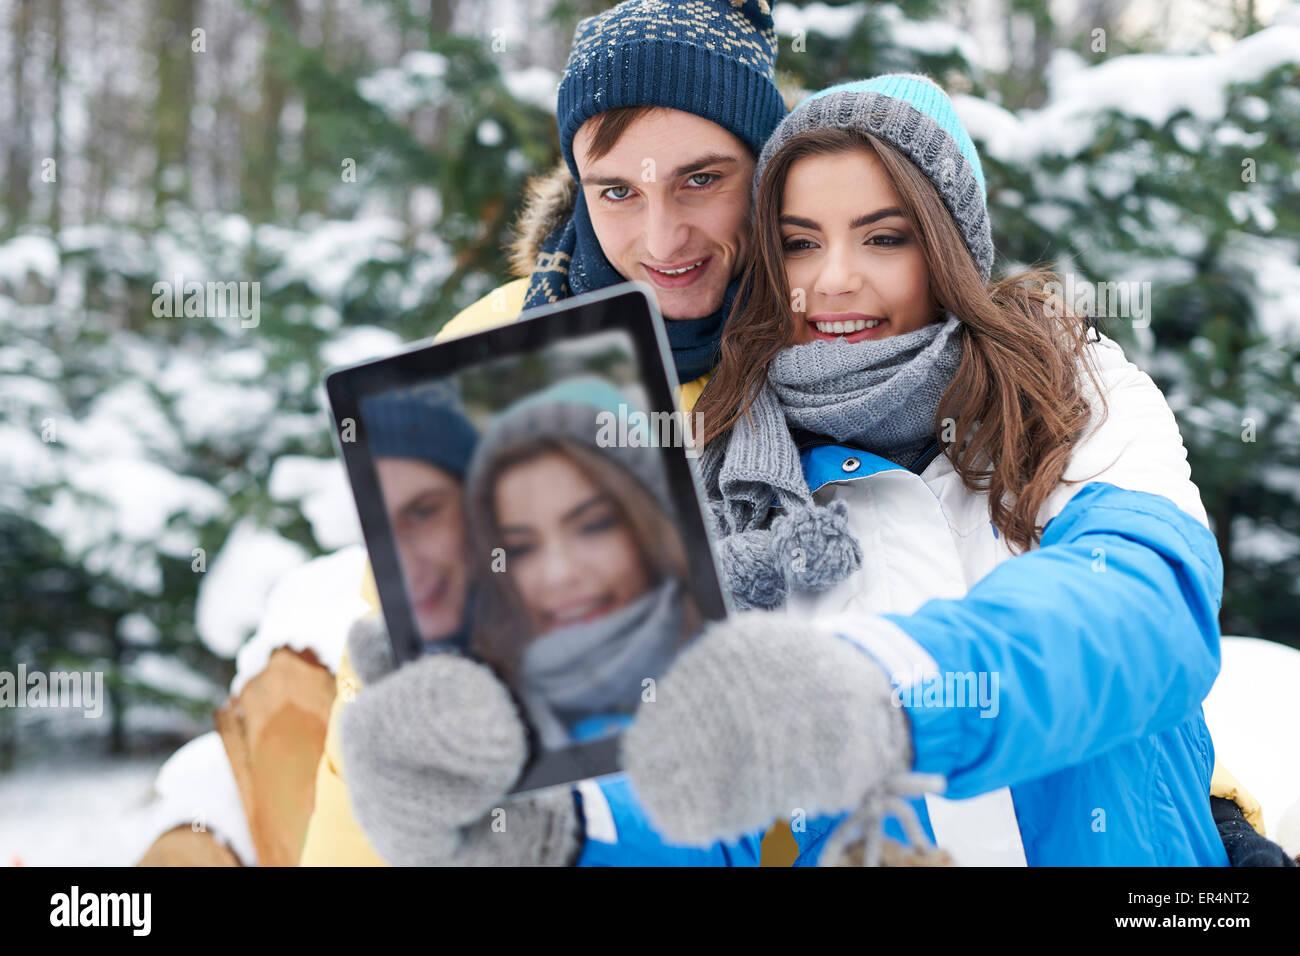 Hey Baby, sorriso! Sto prendendo selfie dalla tavoletta digitale. Debica, Polonia Immagini Stock